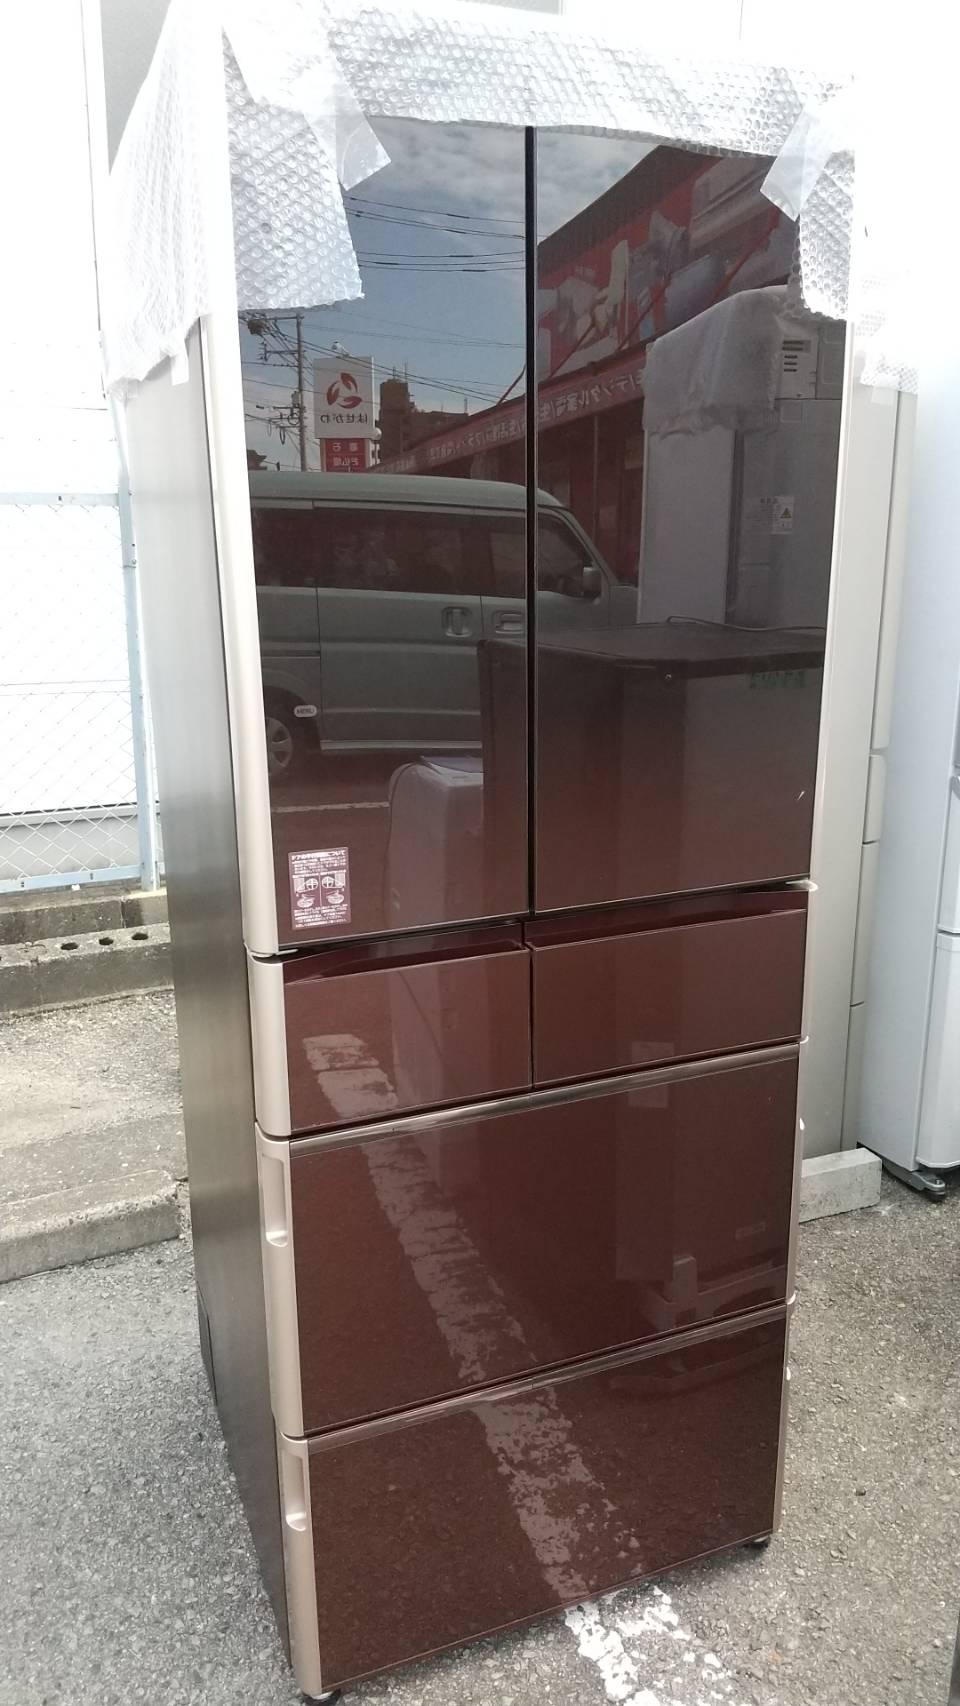 【555Lガラストップ冷蔵庫 HITACHI 日立 R-WX5600G 2017年式】の買取-